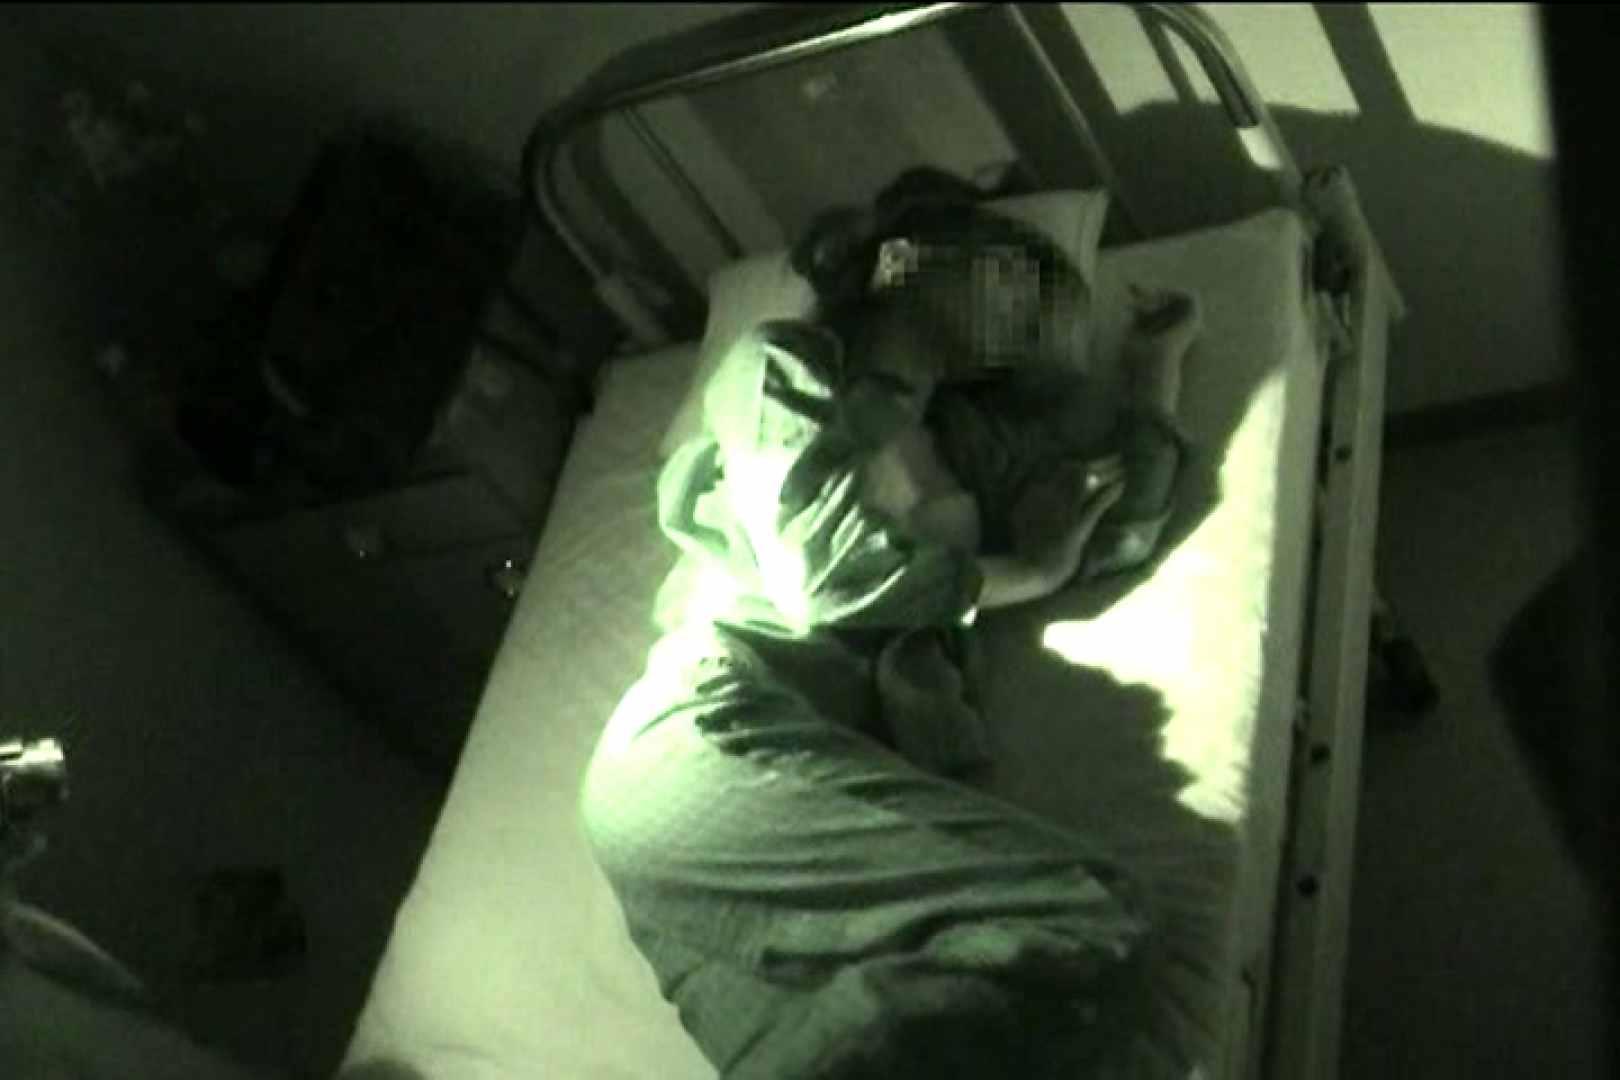 暗躍する夜這い師達Vol.2 性欲 オマンコ動画キャプチャ 100pic 77